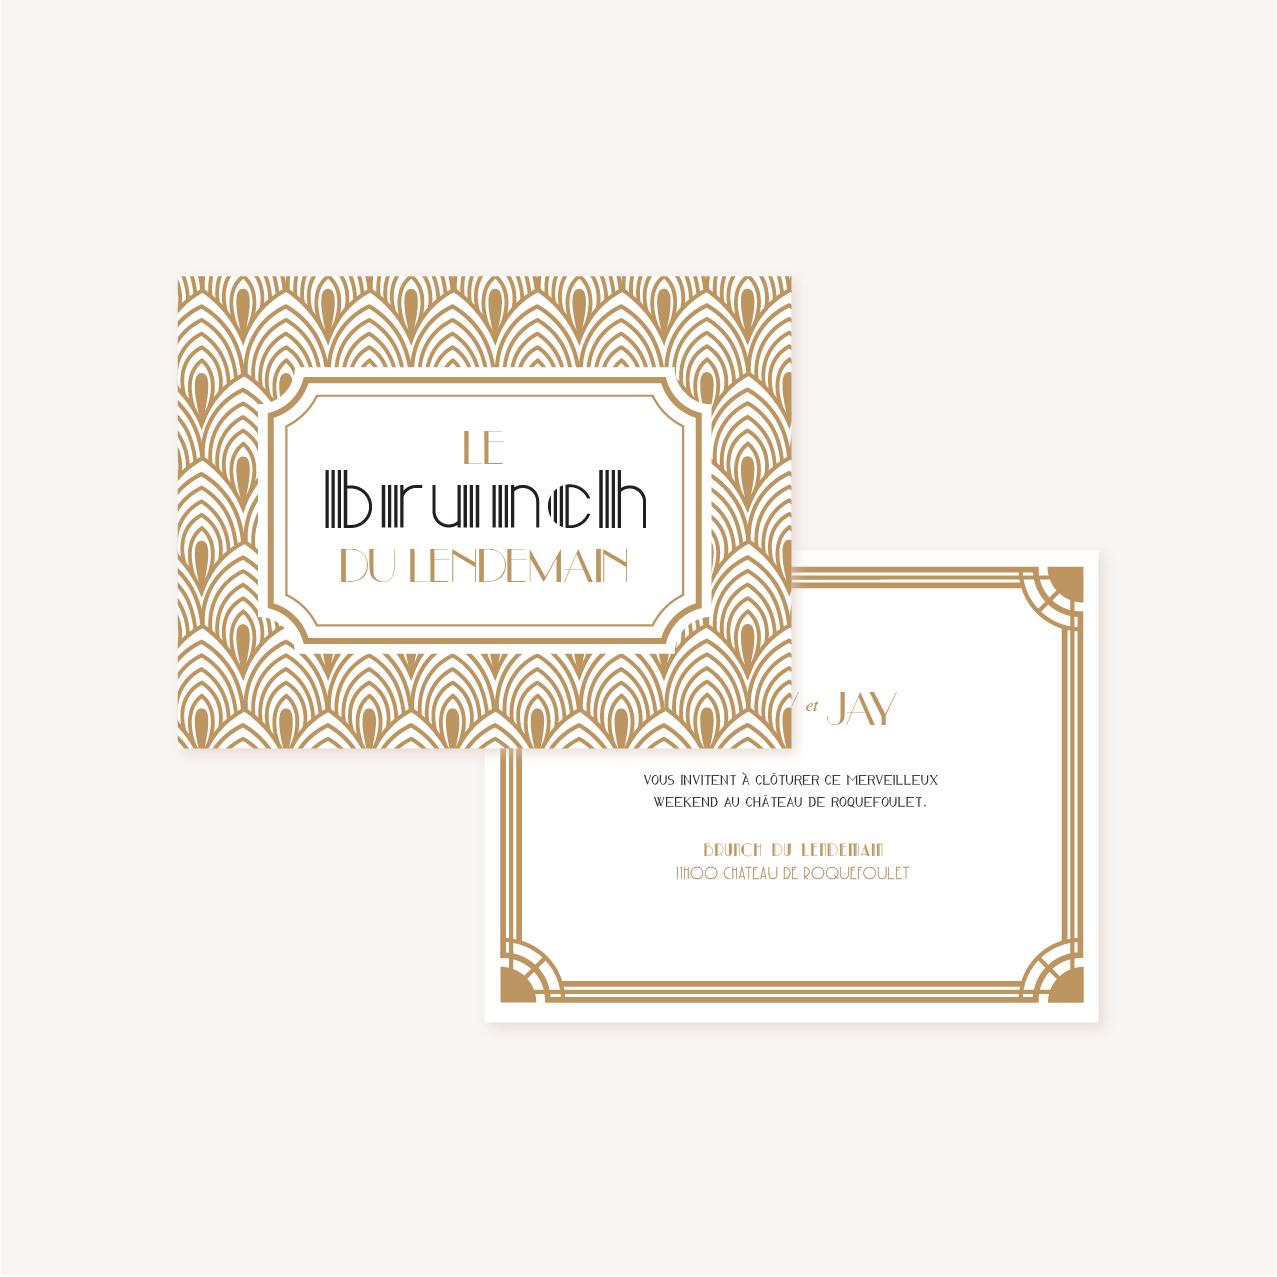 Carton brunch faire-part mariage or blanc noir gatsby art deco